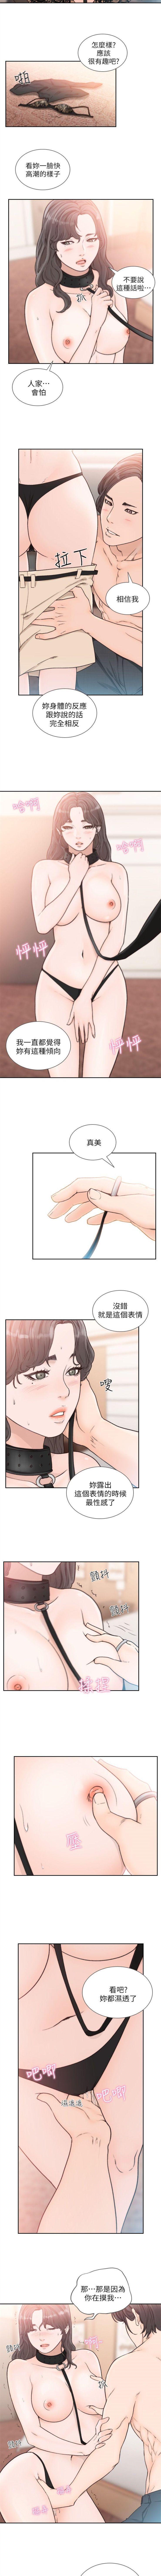 前女友 1-48 中文翻译(更新中) 92